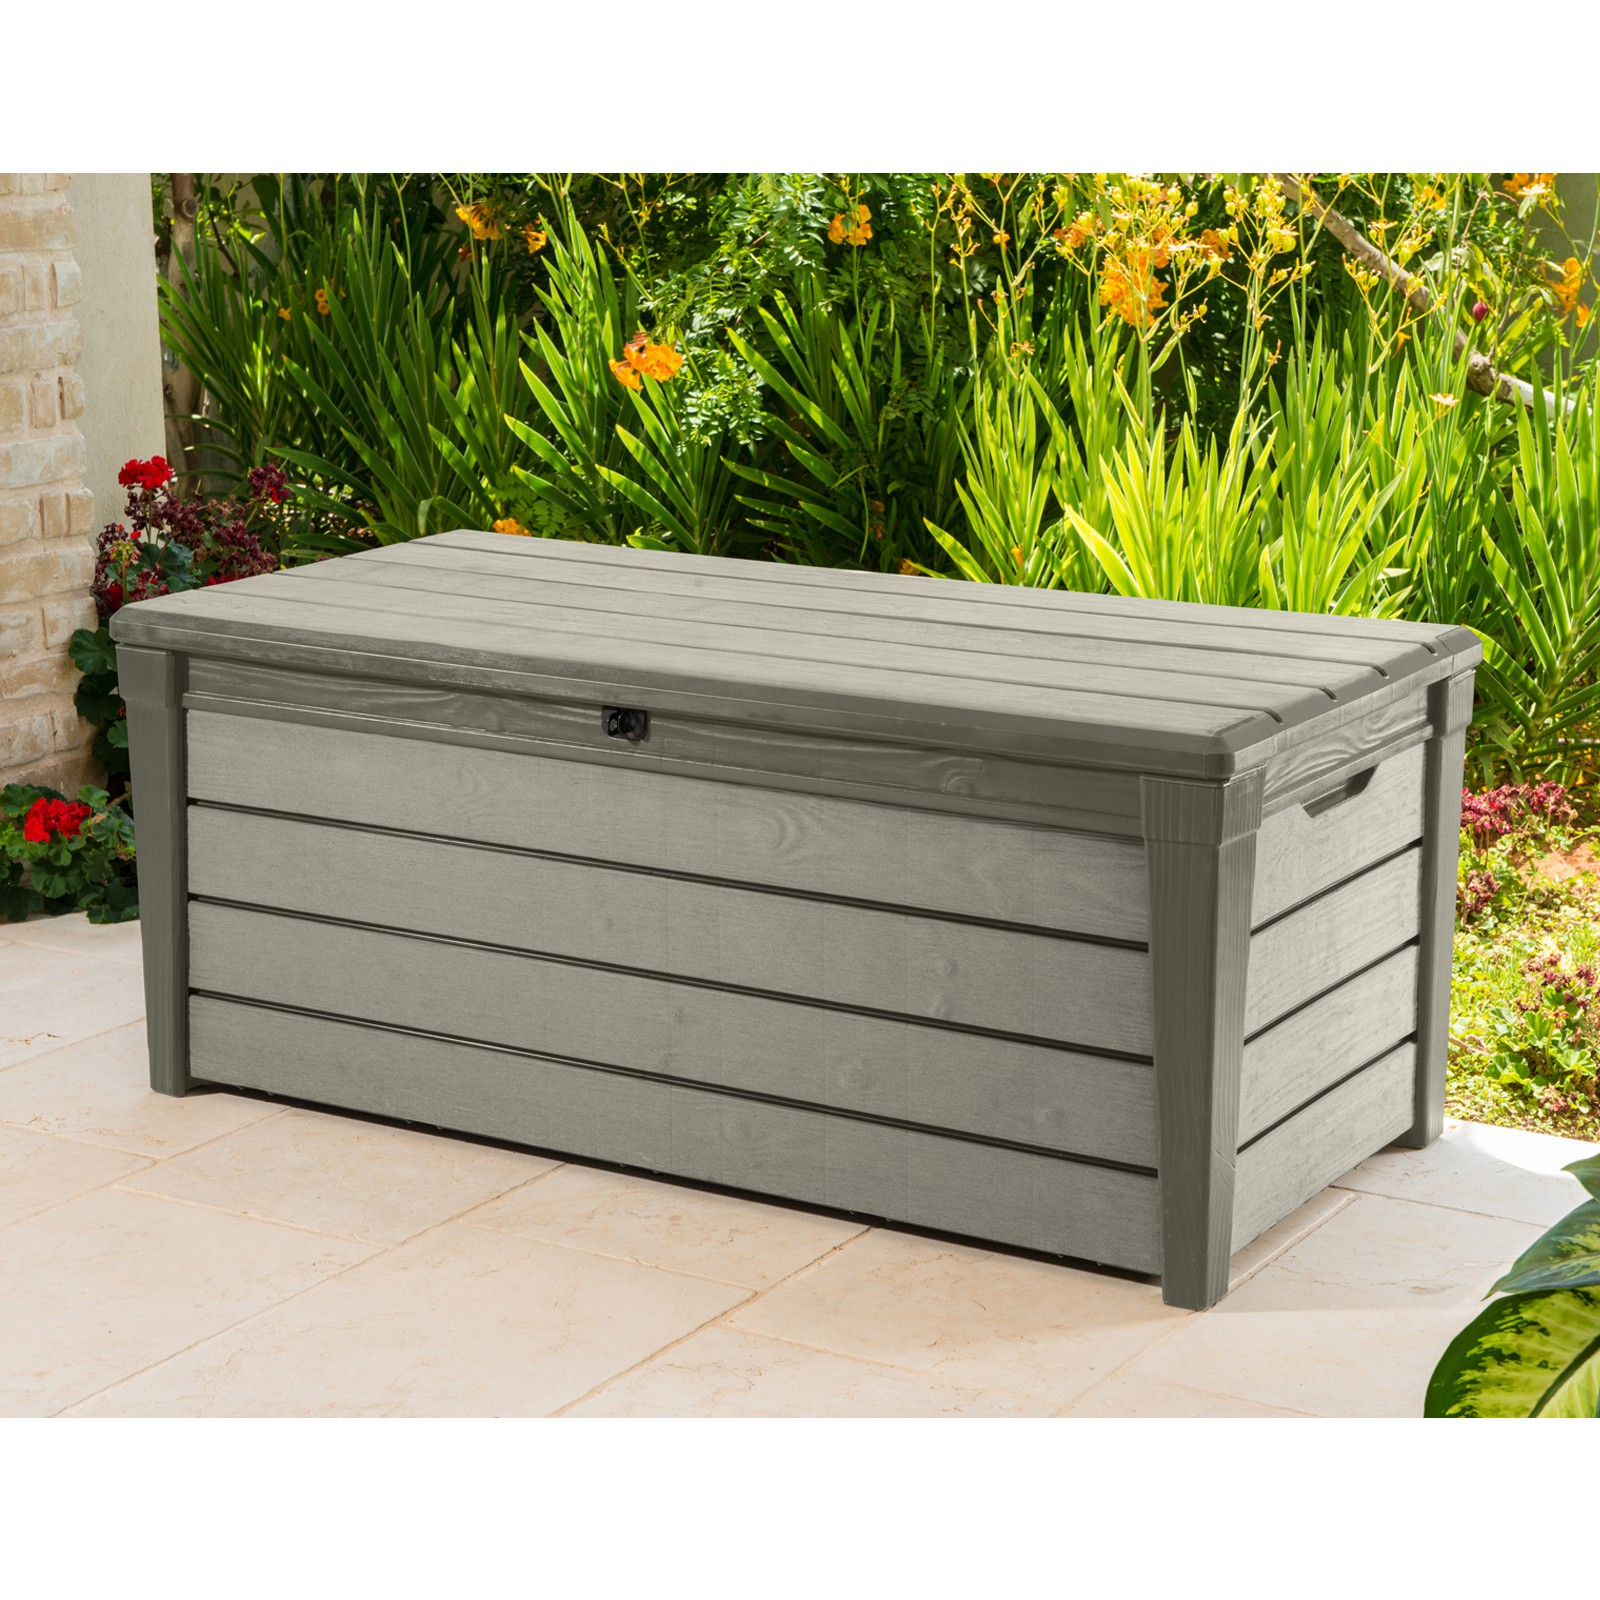 keter auflagenbox kissentruhe brushwood box 455 liter. Black Bedroom Furniture Sets. Home Design Ideas